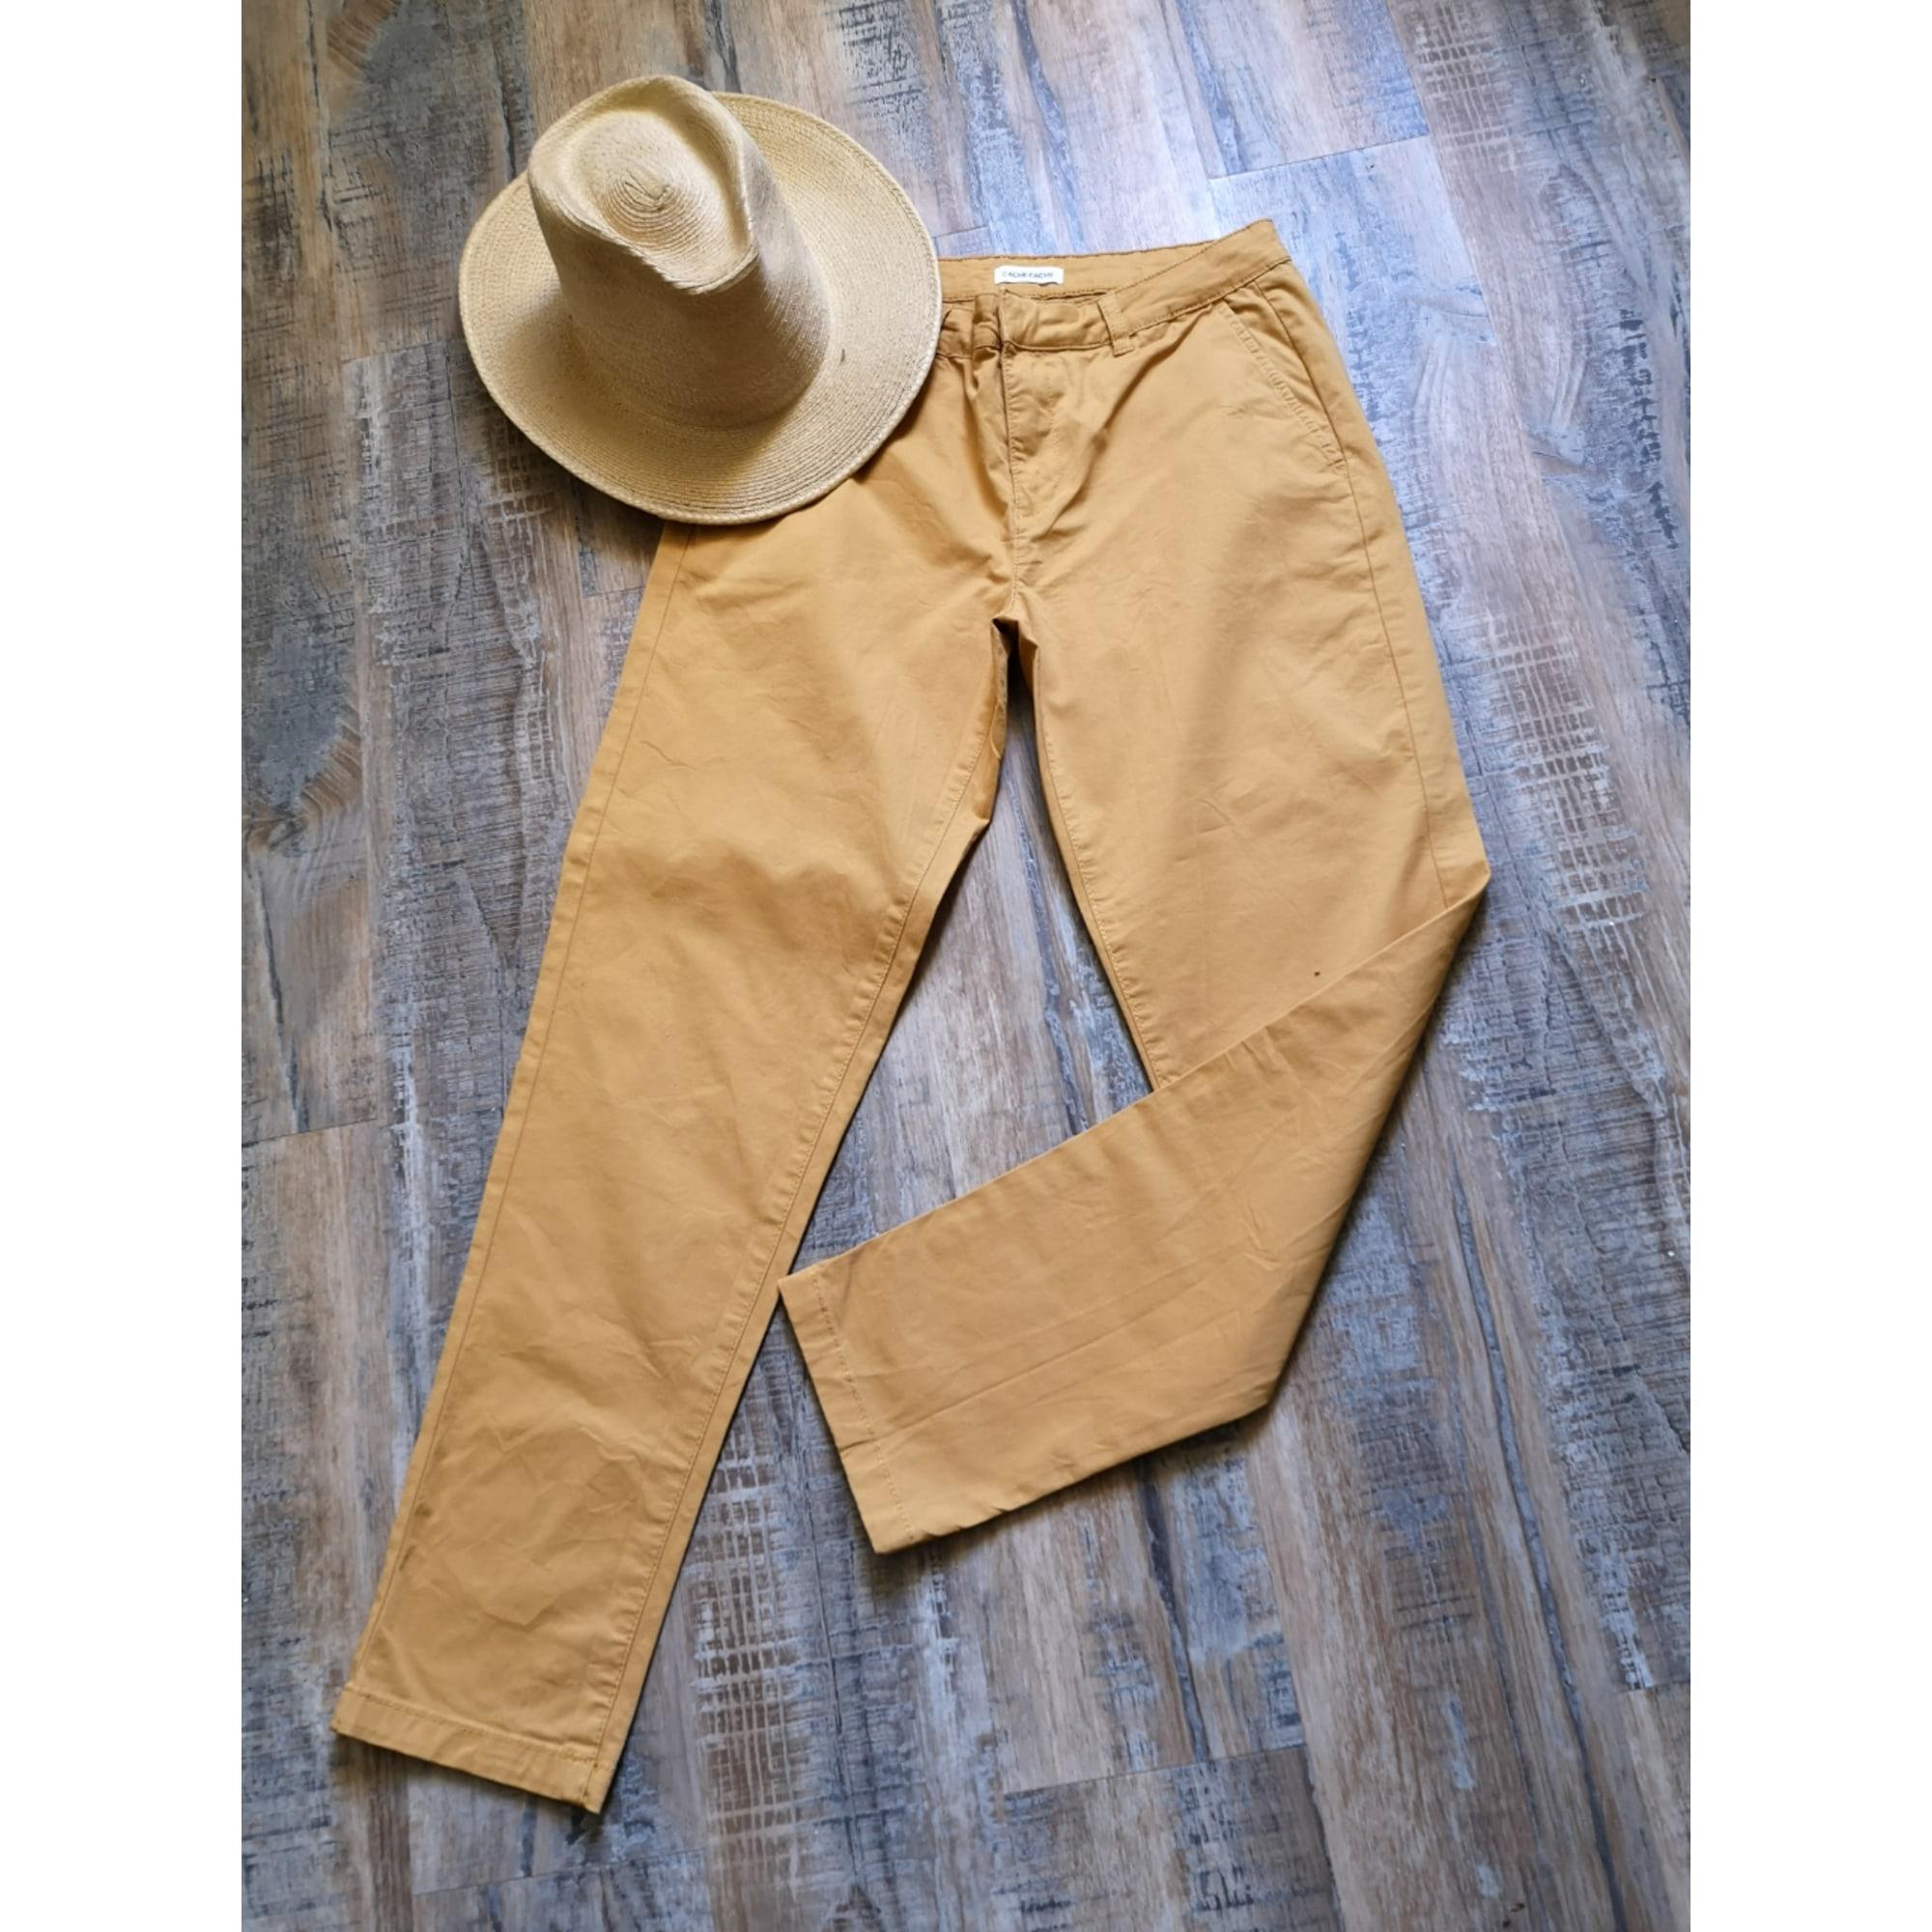 Pantalon slim, cigarette CACHE CACHE Orange